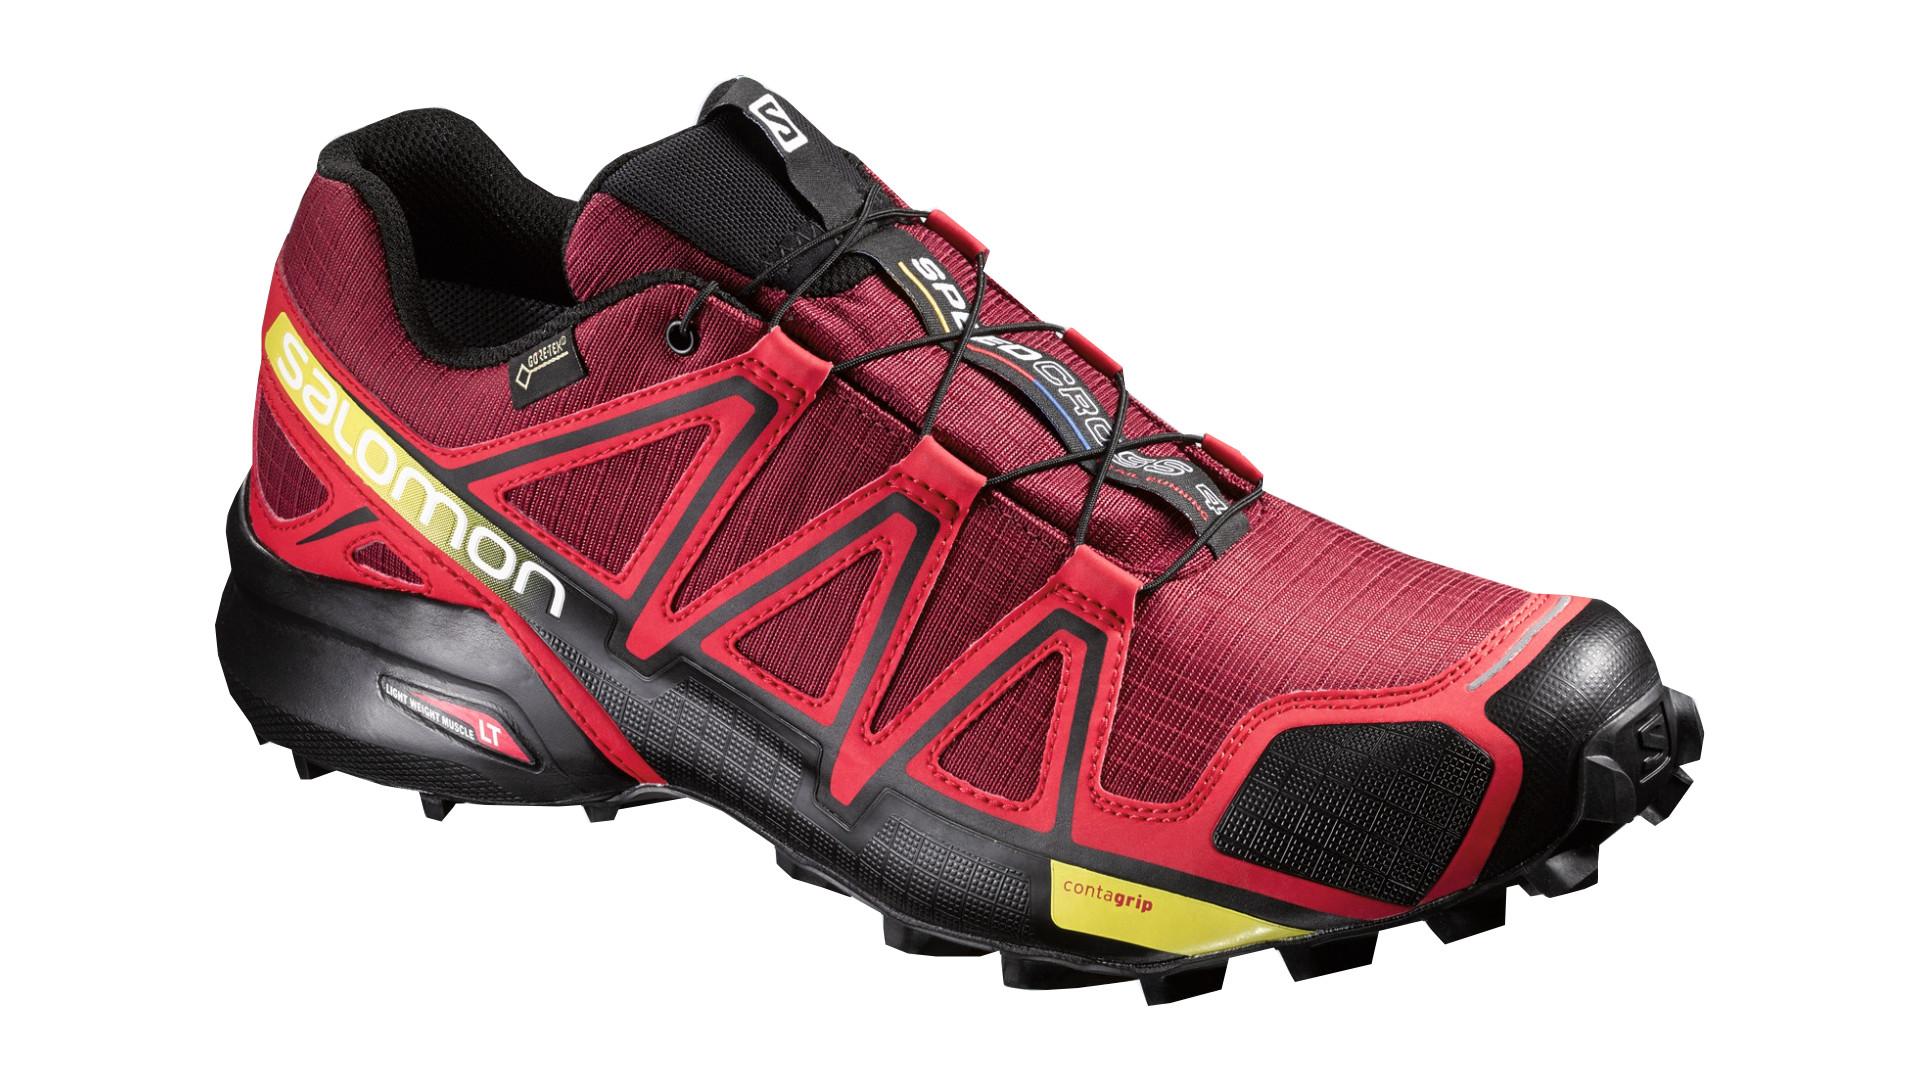 Беговые кроссовки для XC SALOMON 2016-17 SHOES SPEEDCROSS 4 GTX BRIQUE-X/RADIANT Кроссовки бега 1270587  - купить со скидкой